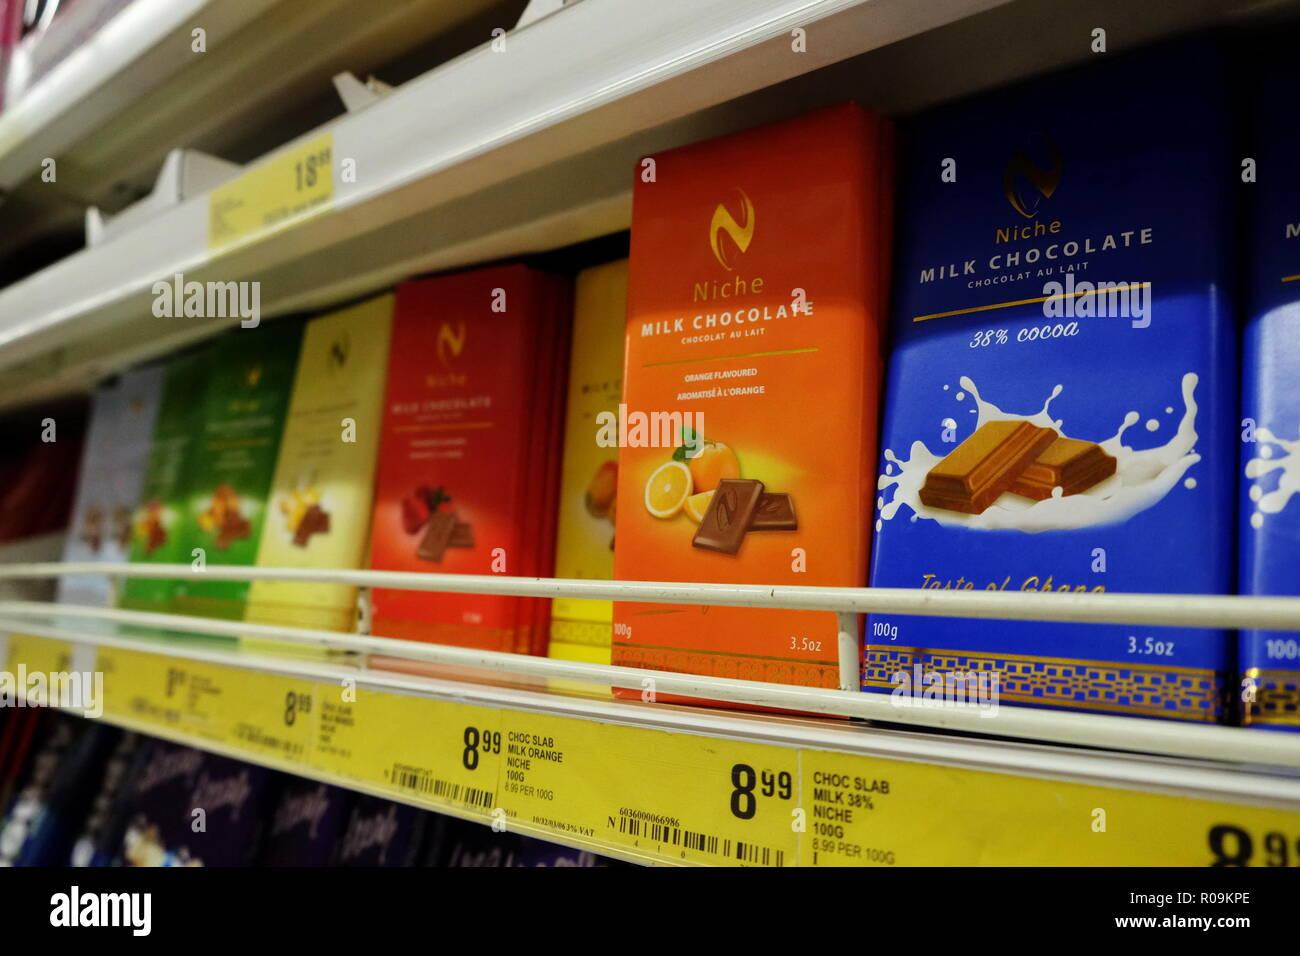 Cocoa Processing Stock Photos & Cocoa Processing Stock